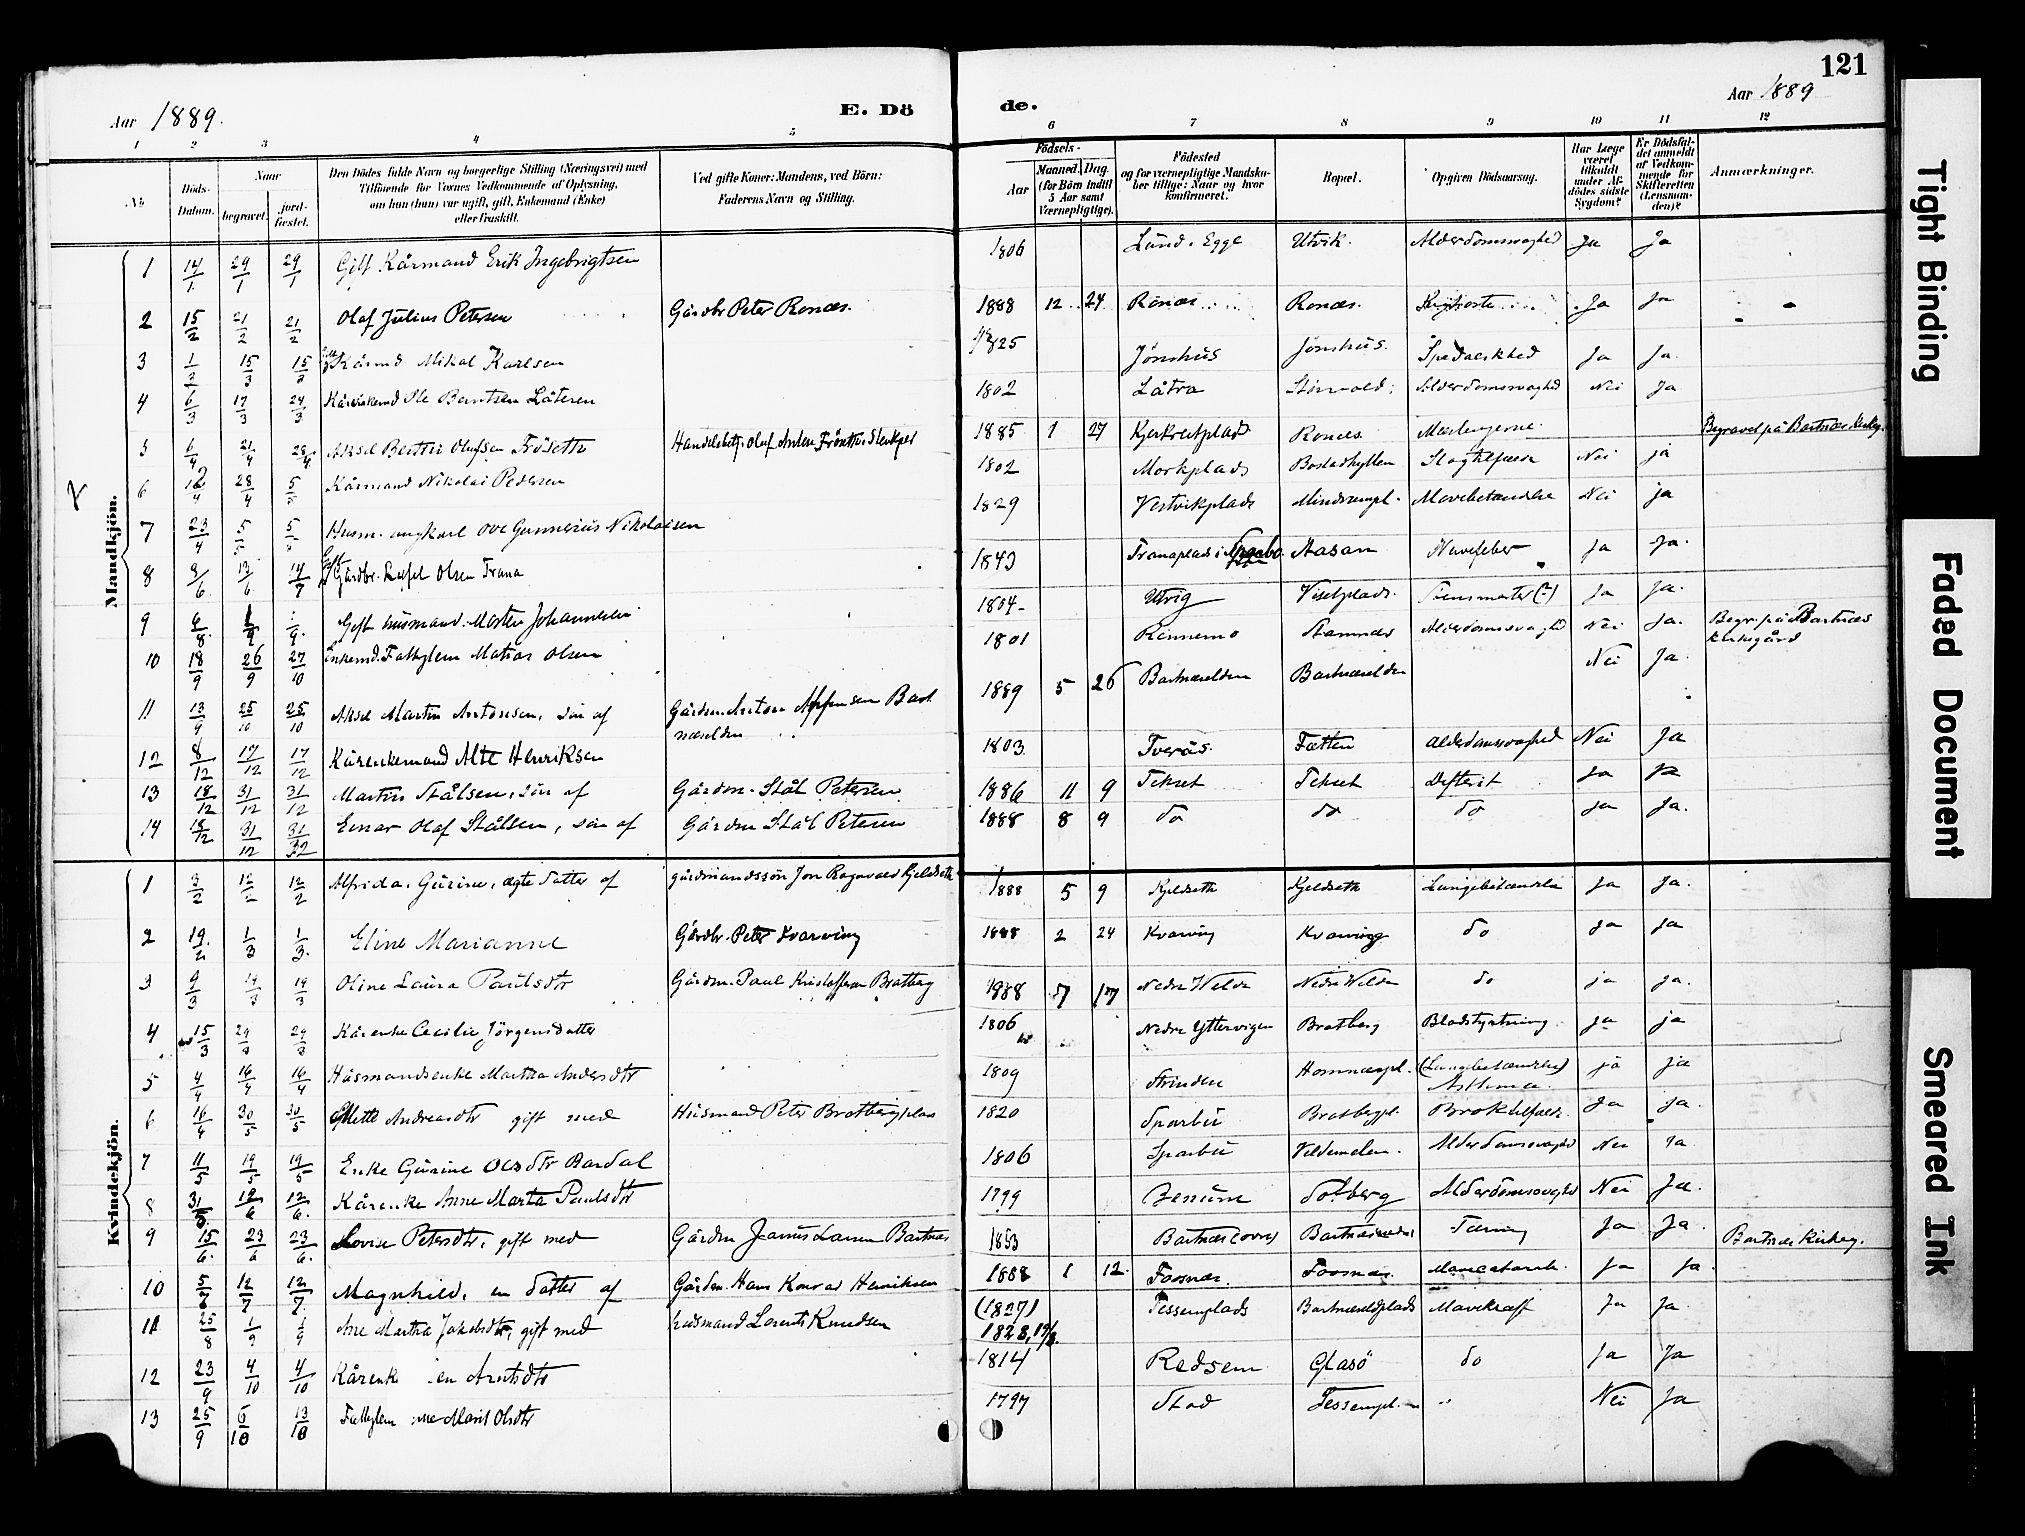 SAT, Ministerialprotokoller, klokkerbøker og fødselsregistre - Nord-Trøndelag, 741/L0396: Ministerialbok nr. 741A10, 1889-1901, s. 121